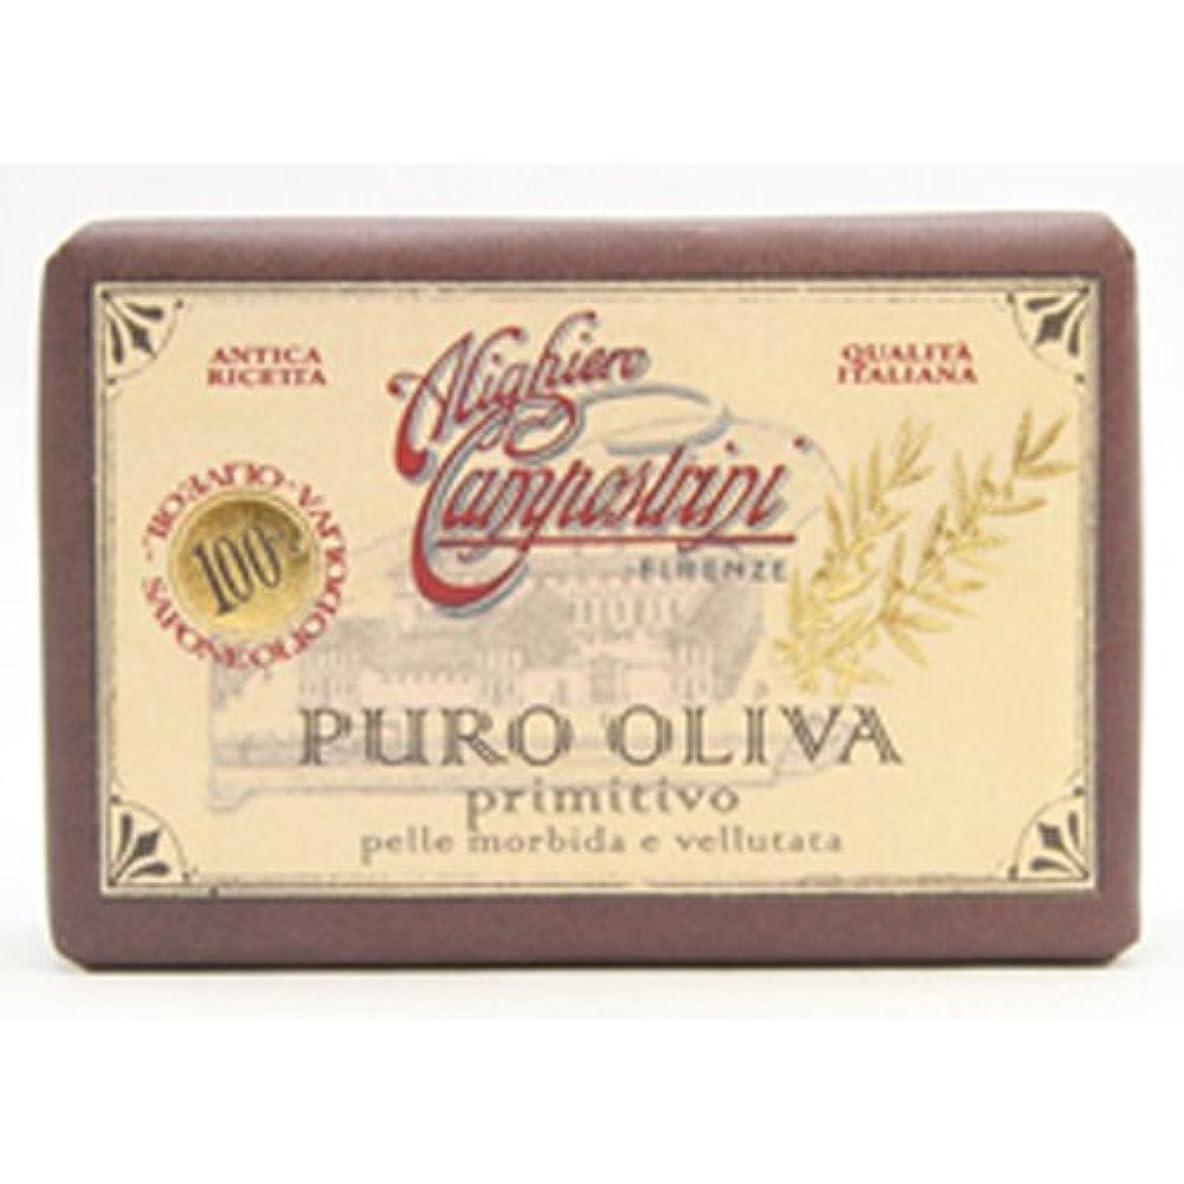 名前で呼吸する損傷Saponerire Fissi サポネリーフィッシー PURO OLIVA Soap オリーブオイル ピュロ ソープ primitivo オリジナル 150g